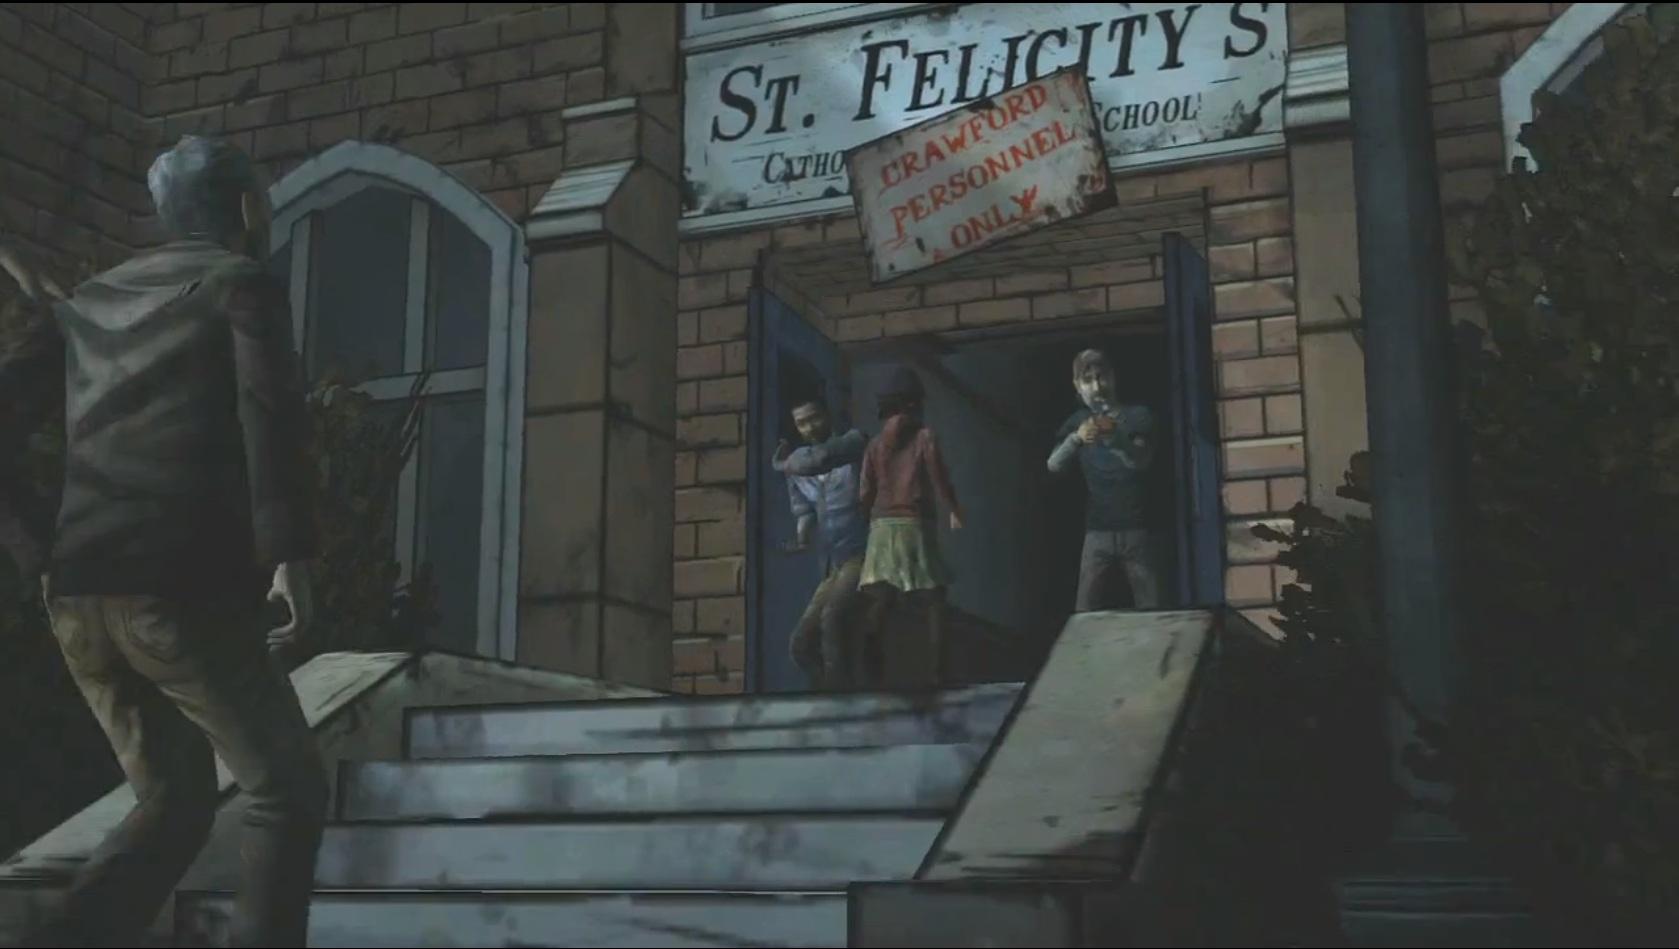 St. Felicity's Catholic School